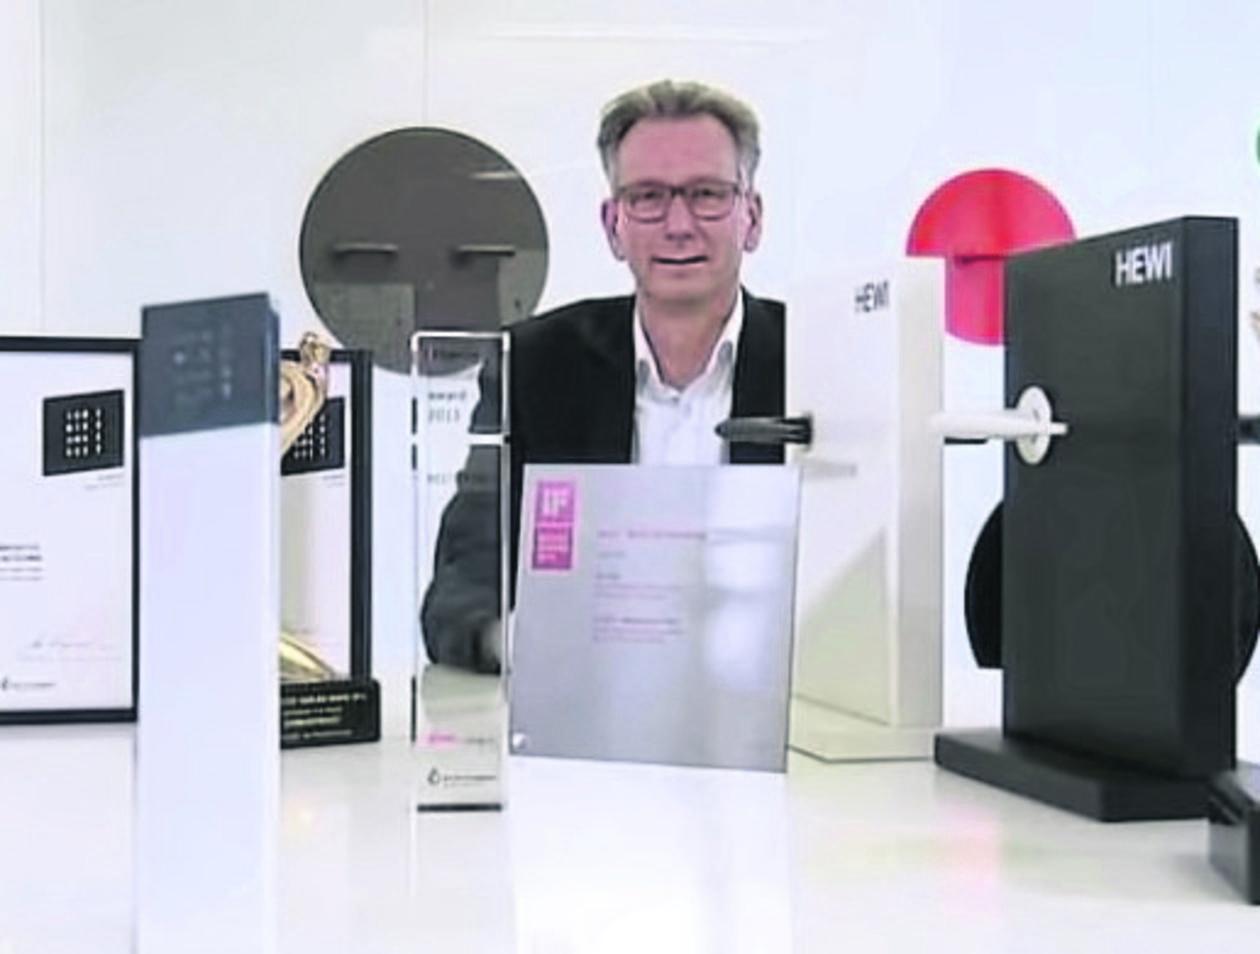 Hewi macht die Welt schön: HR-Doku über Hewi-Design | Bad ...